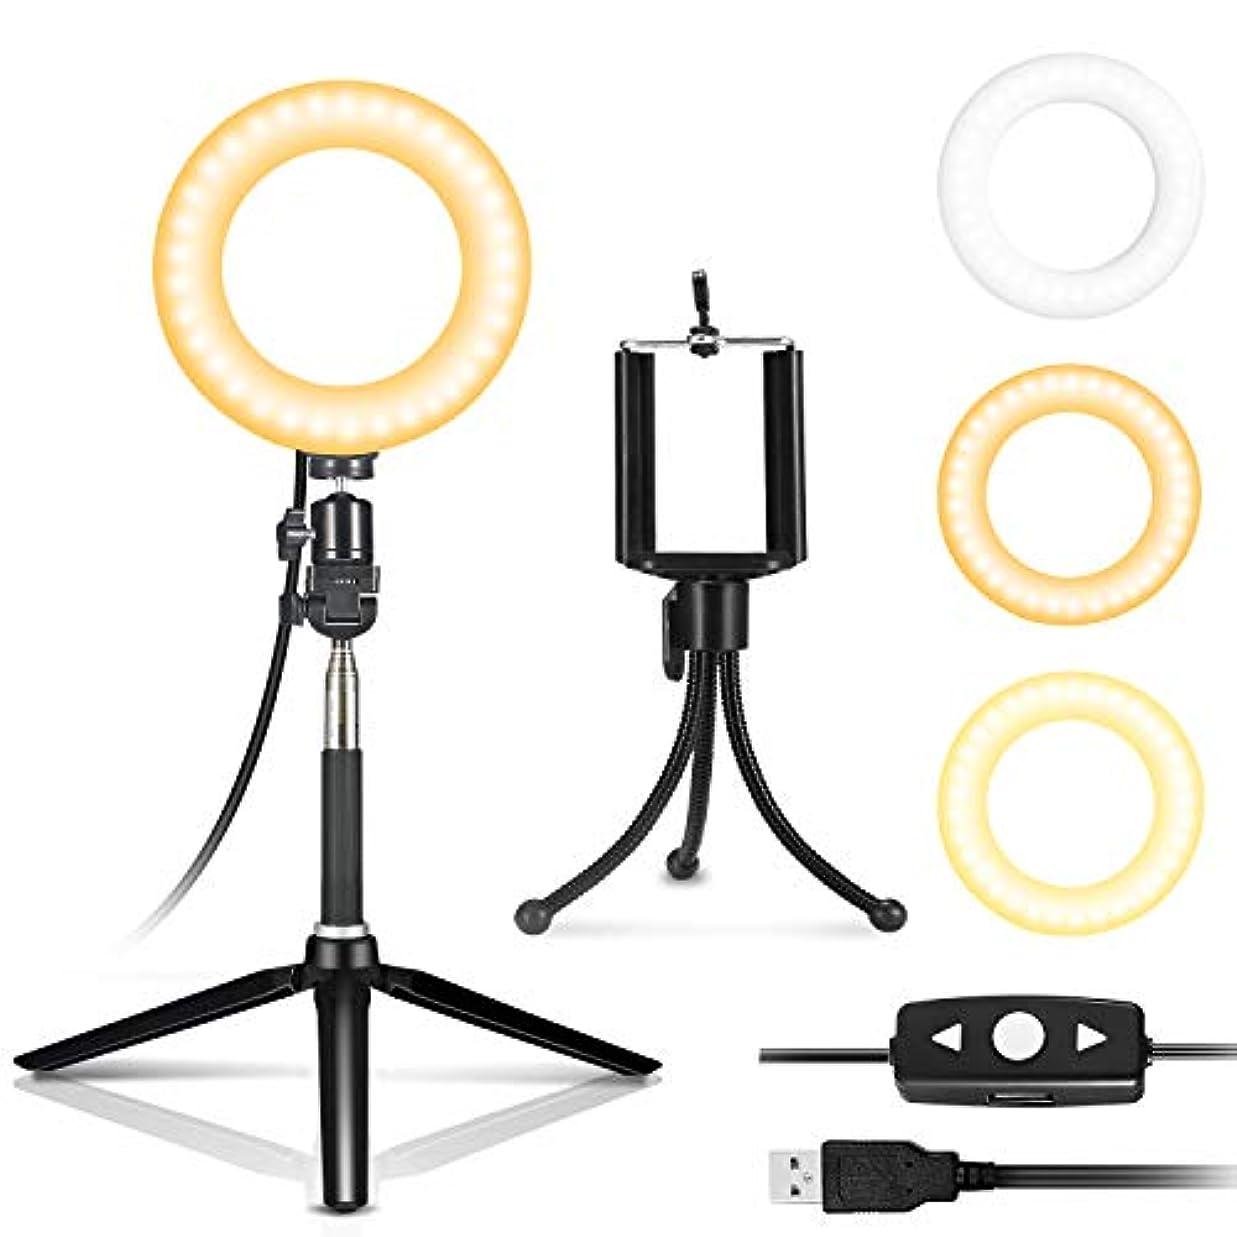 服冊子感染するIDESION 自撮り補助セルフィー LEDライト ミラー 女優ライト 6インチ円形 3色調節可能 リモコン付き ハリウッドライト USB給電 日本語説明書付き